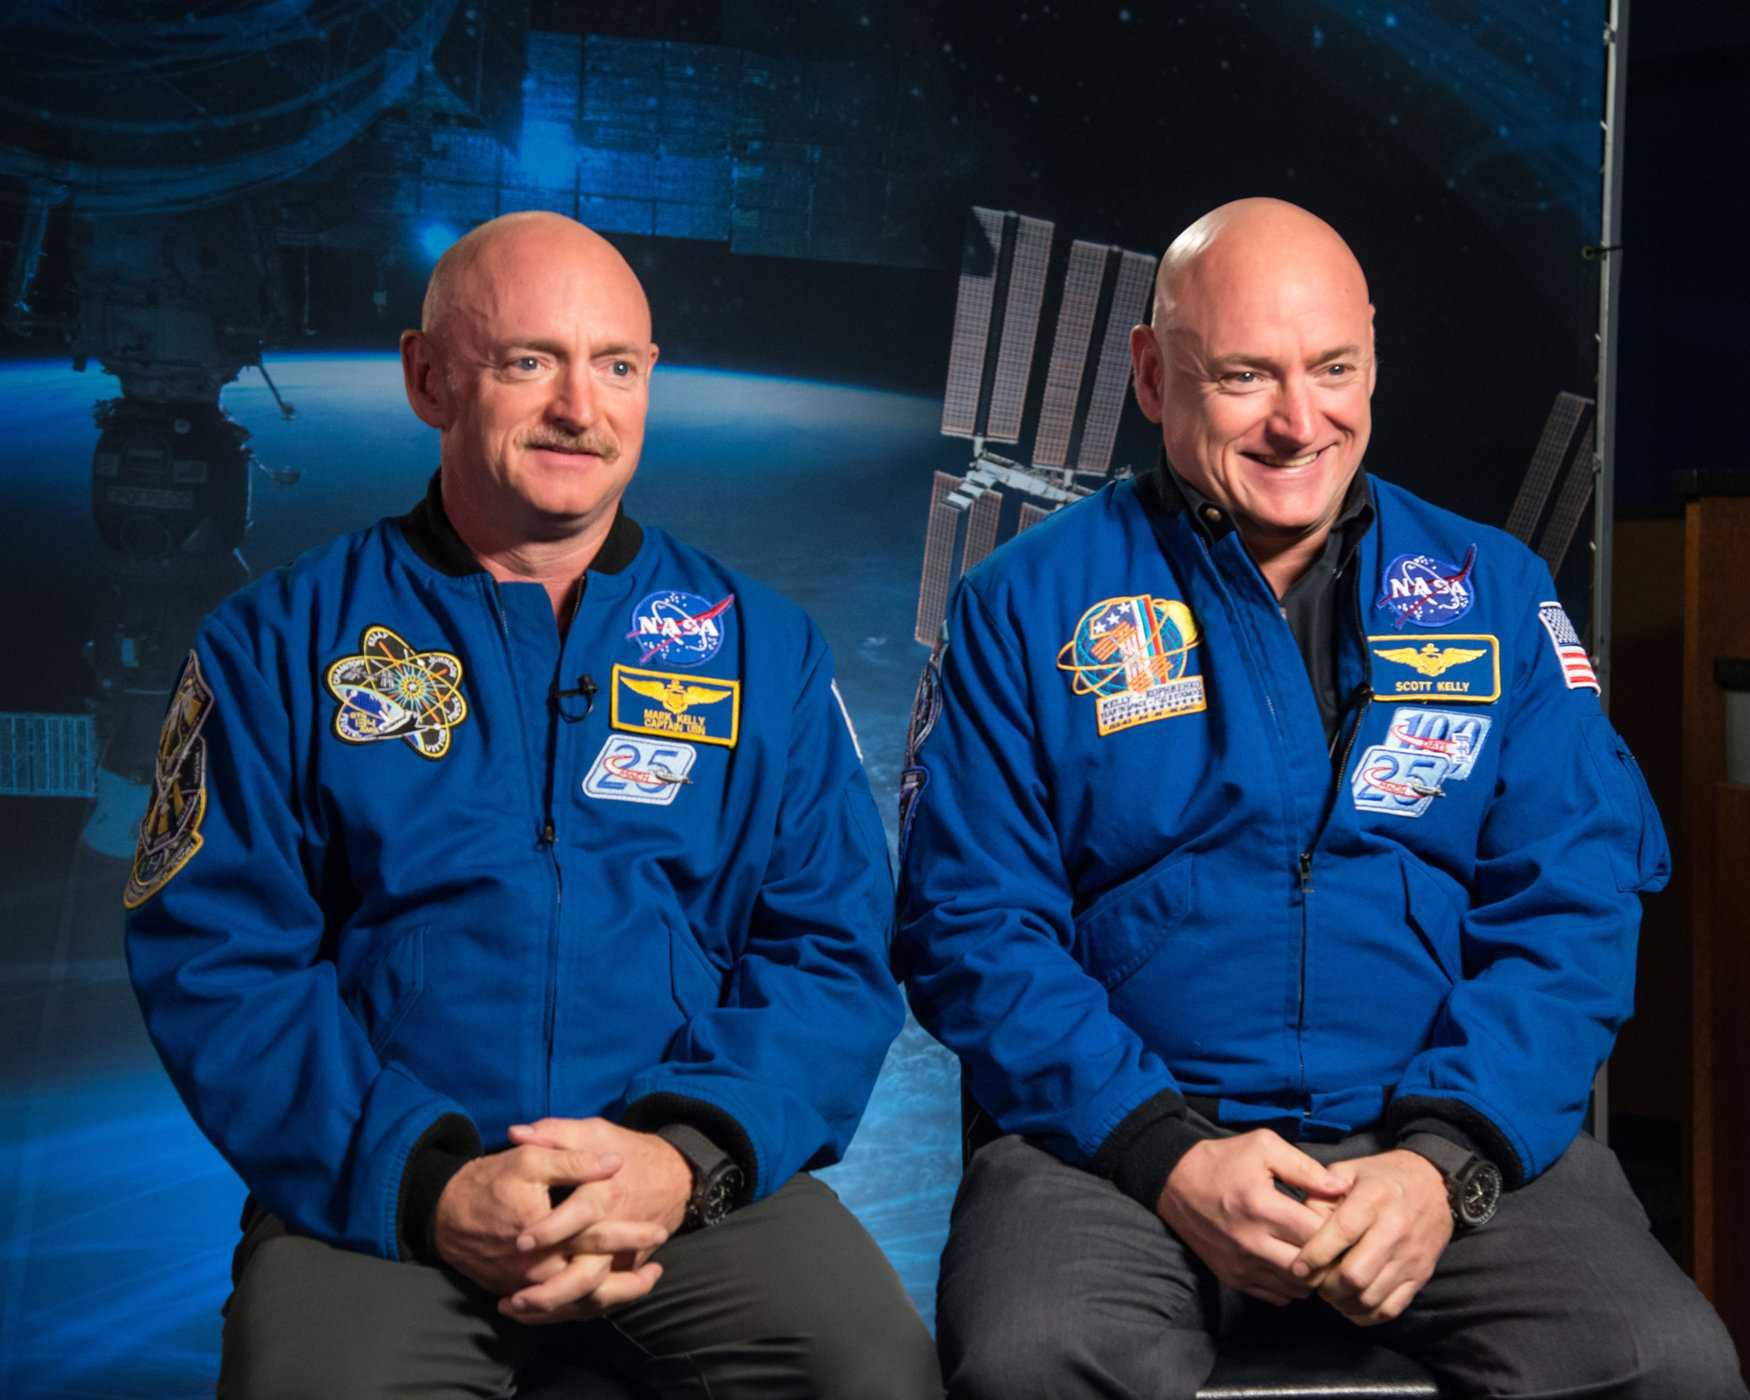 Космос вреден для здоровья — NASA.Вокруг Света. Украина